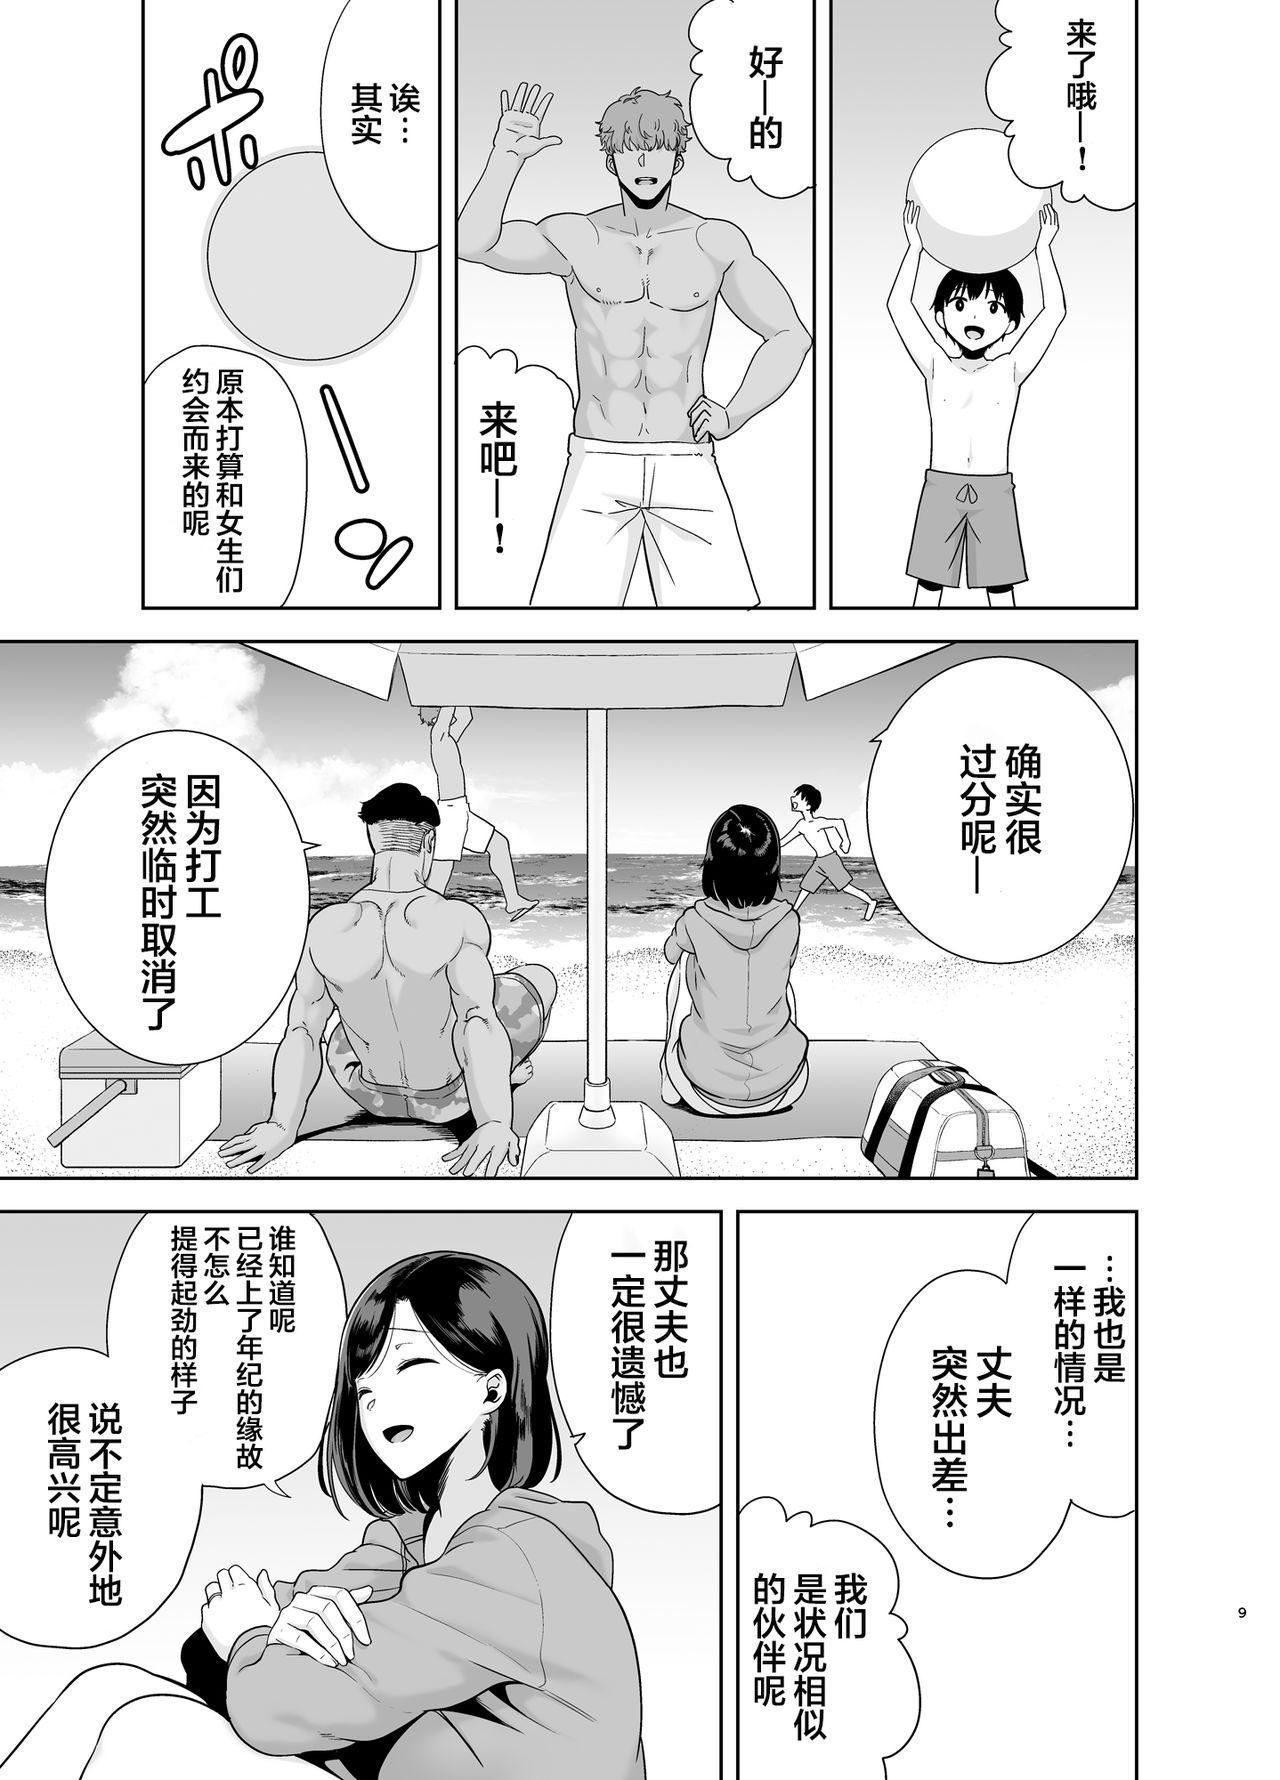 [DOLL PLAY (Kurosu Gatari)] Natsuzuma ~Natsu, Ryokan, Nanpa Otoko-tachi ni Ochita Tsuma~ Megane Nashi [Chinese] [翻车汉化组] 7